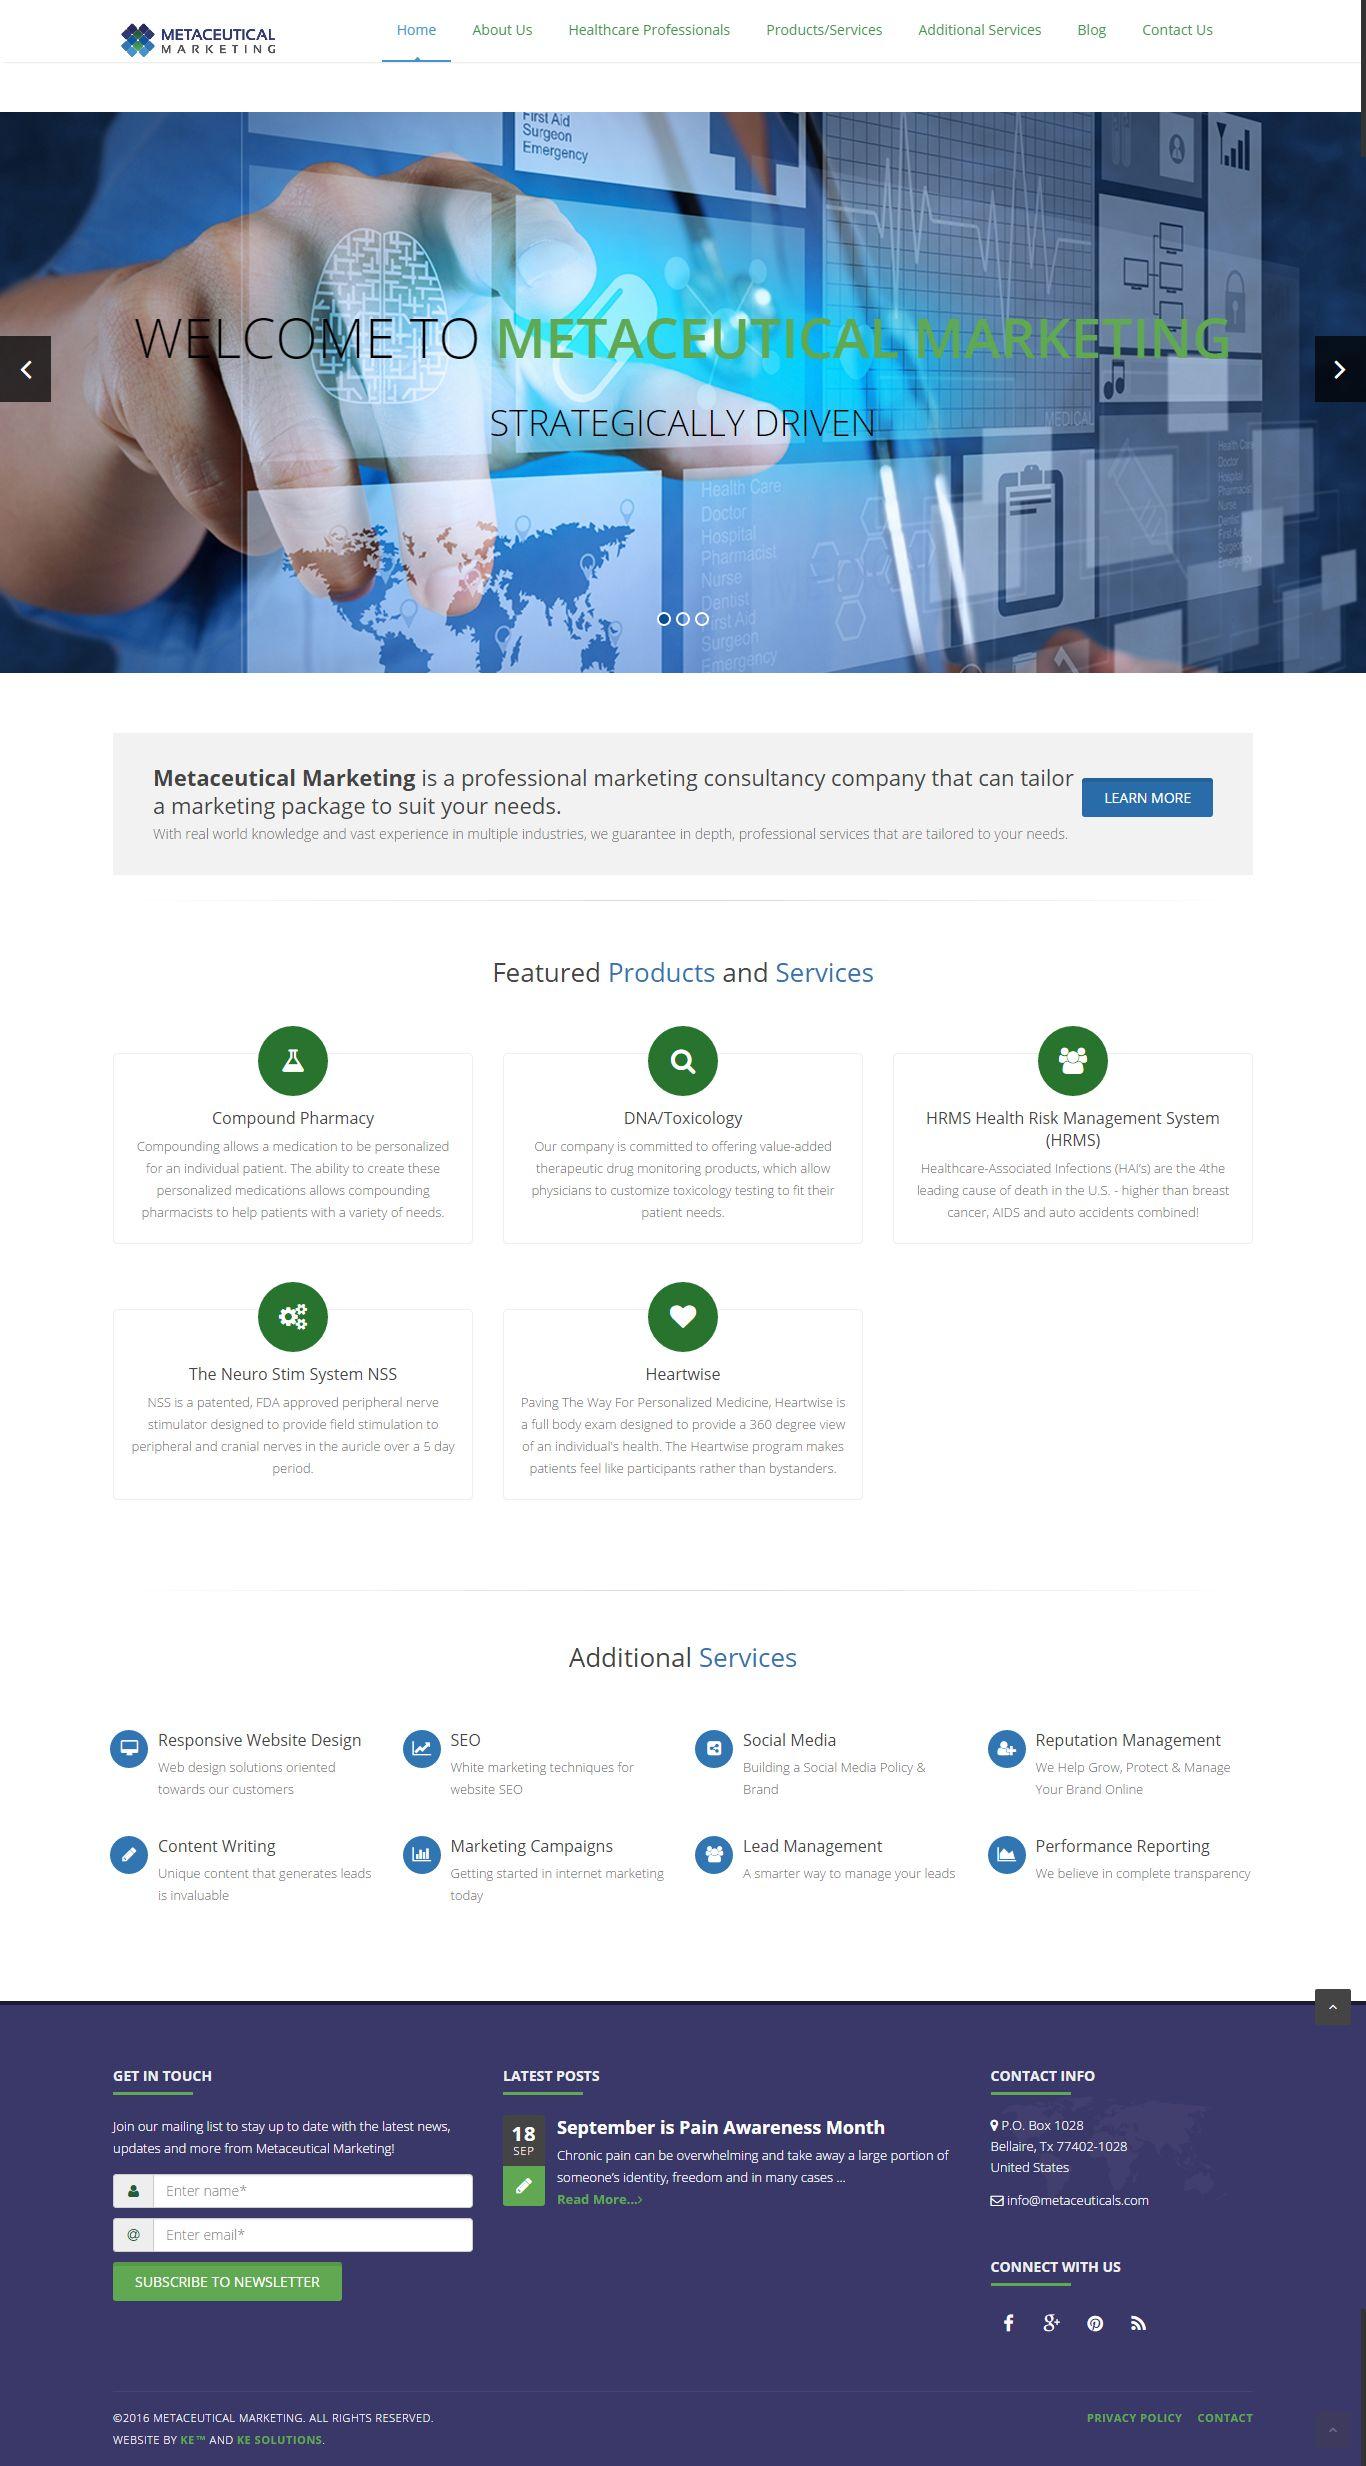 Metaceuticals Marketing screenshot